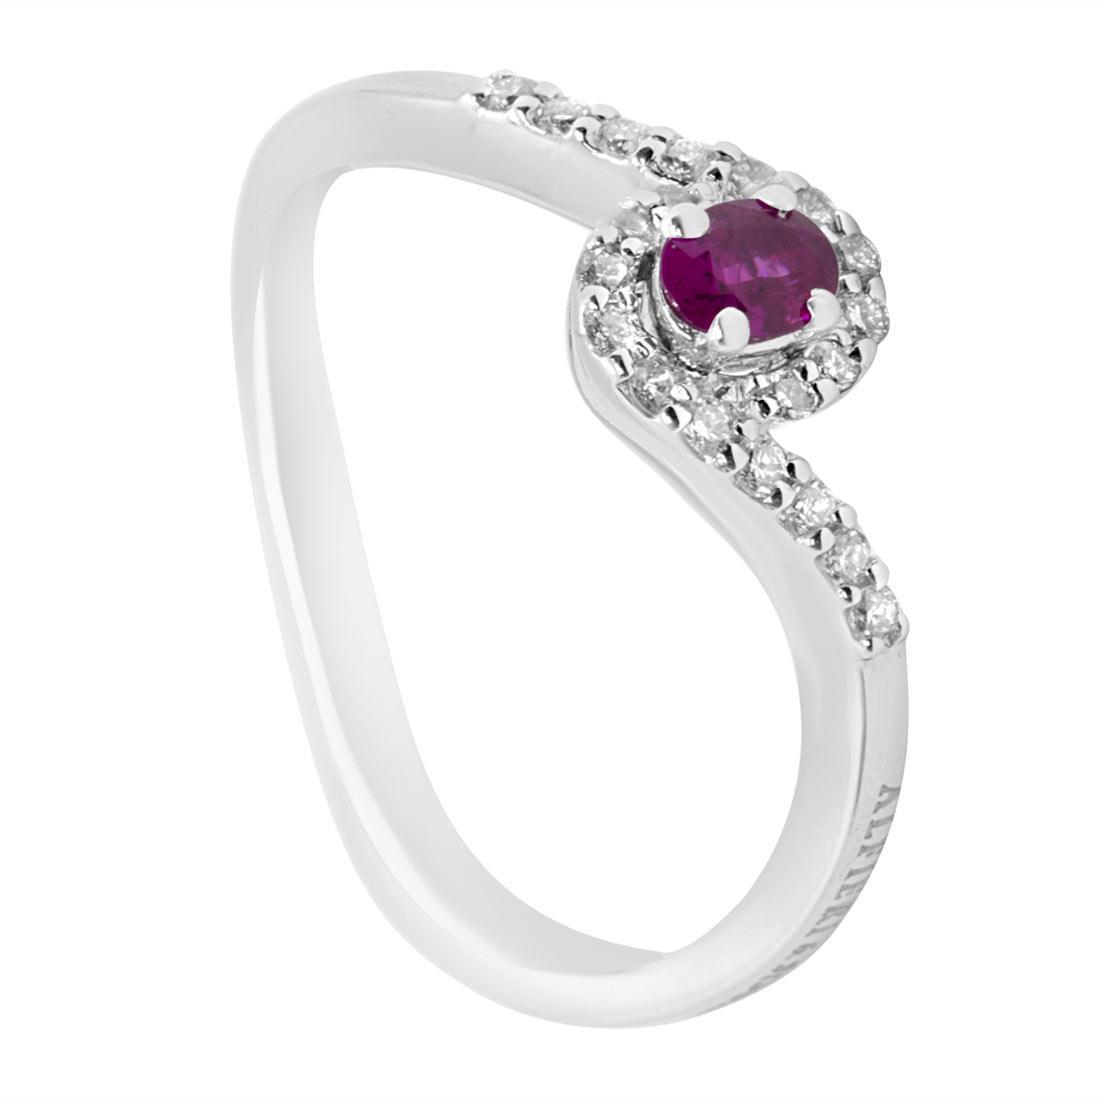 Anello contrarié in oro bianco con diamanti e rubino  - ALFIERI & ST. JOHN